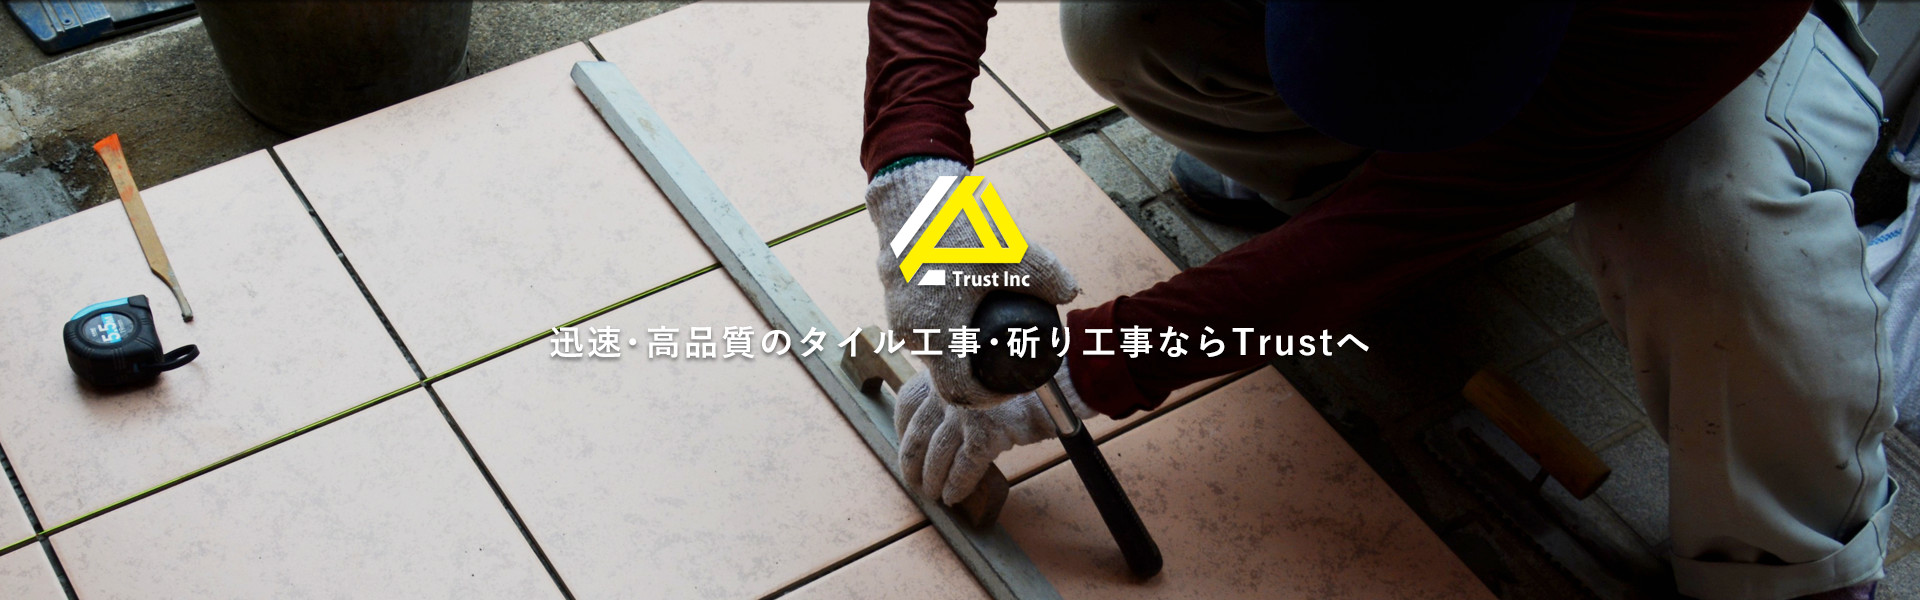 迅速・高品質のタイル工事・斫り工事ならTrustへ